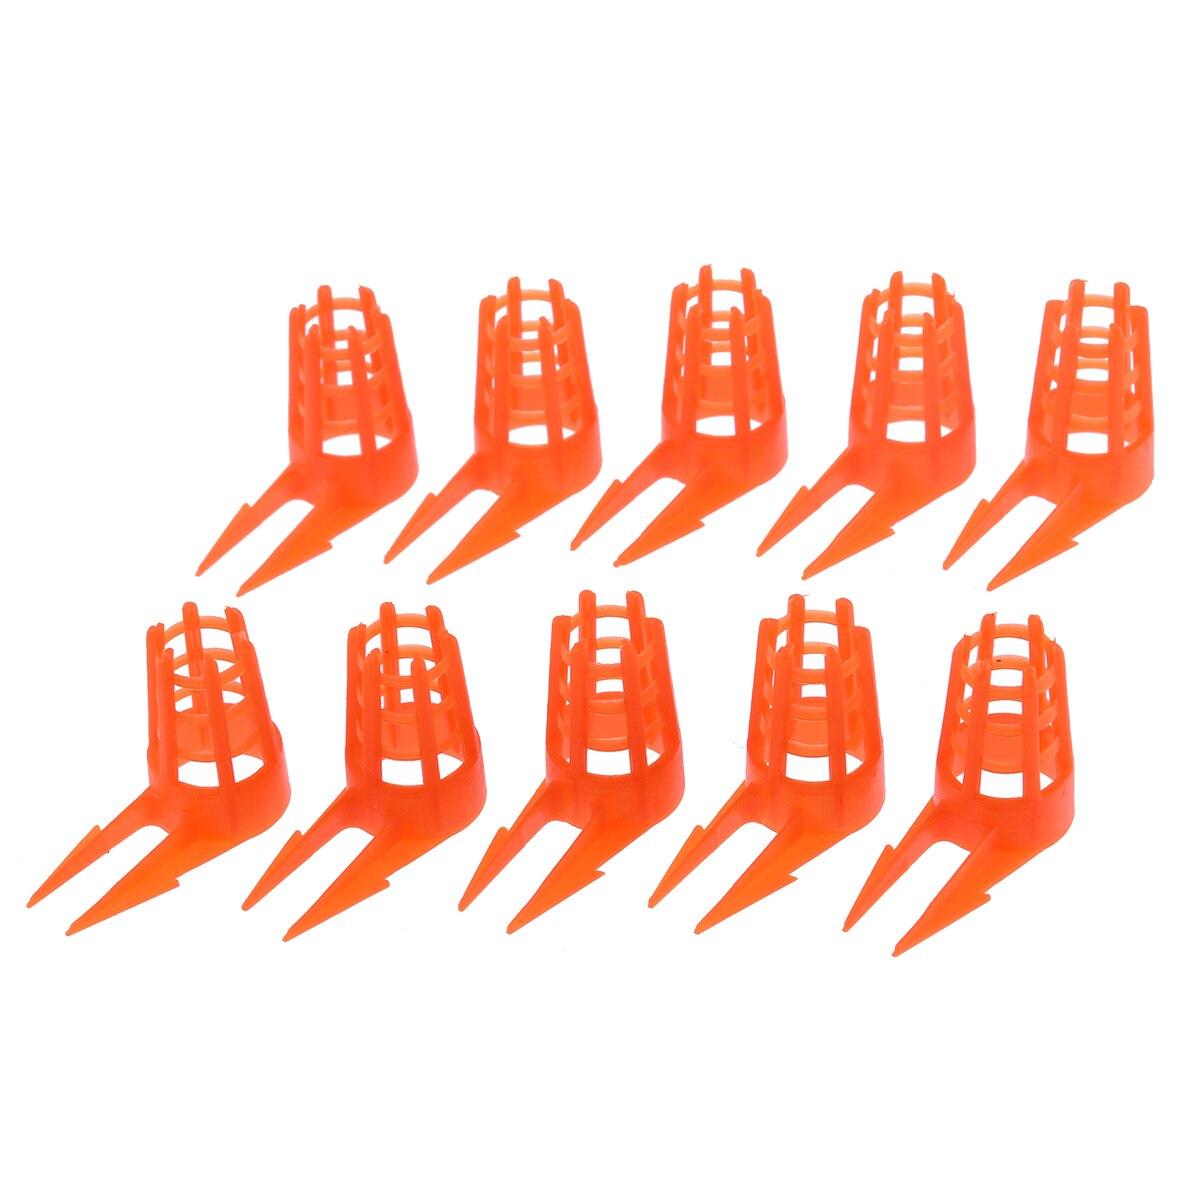 10 pezzi di Plastica Ape Queen Allevamento Tazza Ape Queen Strumento di Apicoltura Apicoltori Attrezzature Per Queen Allevamento Kit10 pezzi di Plastica Ape Queen Allevamento Tazza Ape Queen Strumento di Apicoltura Apicoltori Attrezzature Per Queen Allevamento Kit